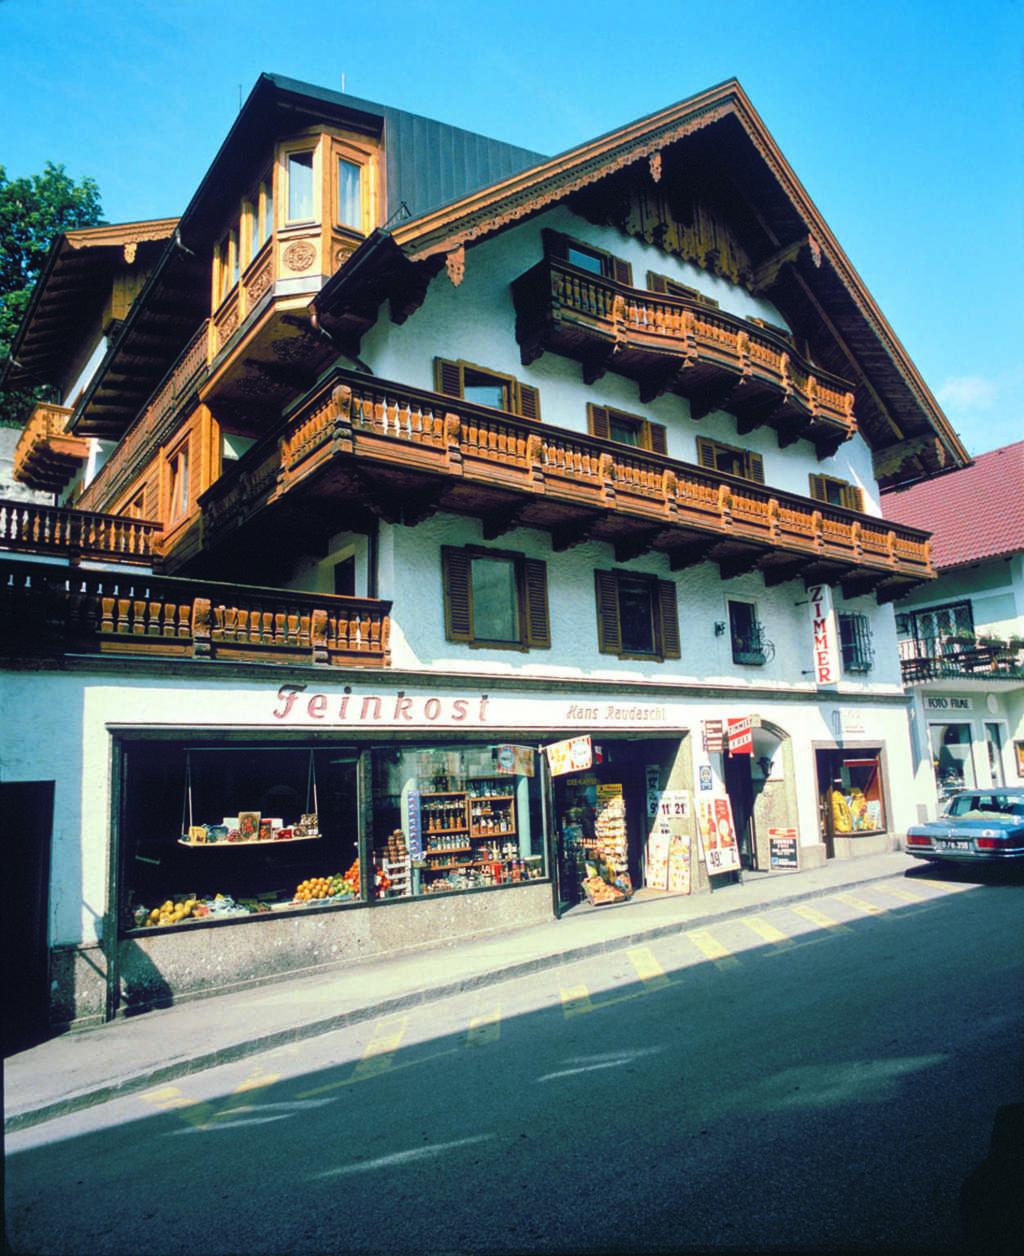 Apparthotel St. Wolfgang, Ferienwohnung 5